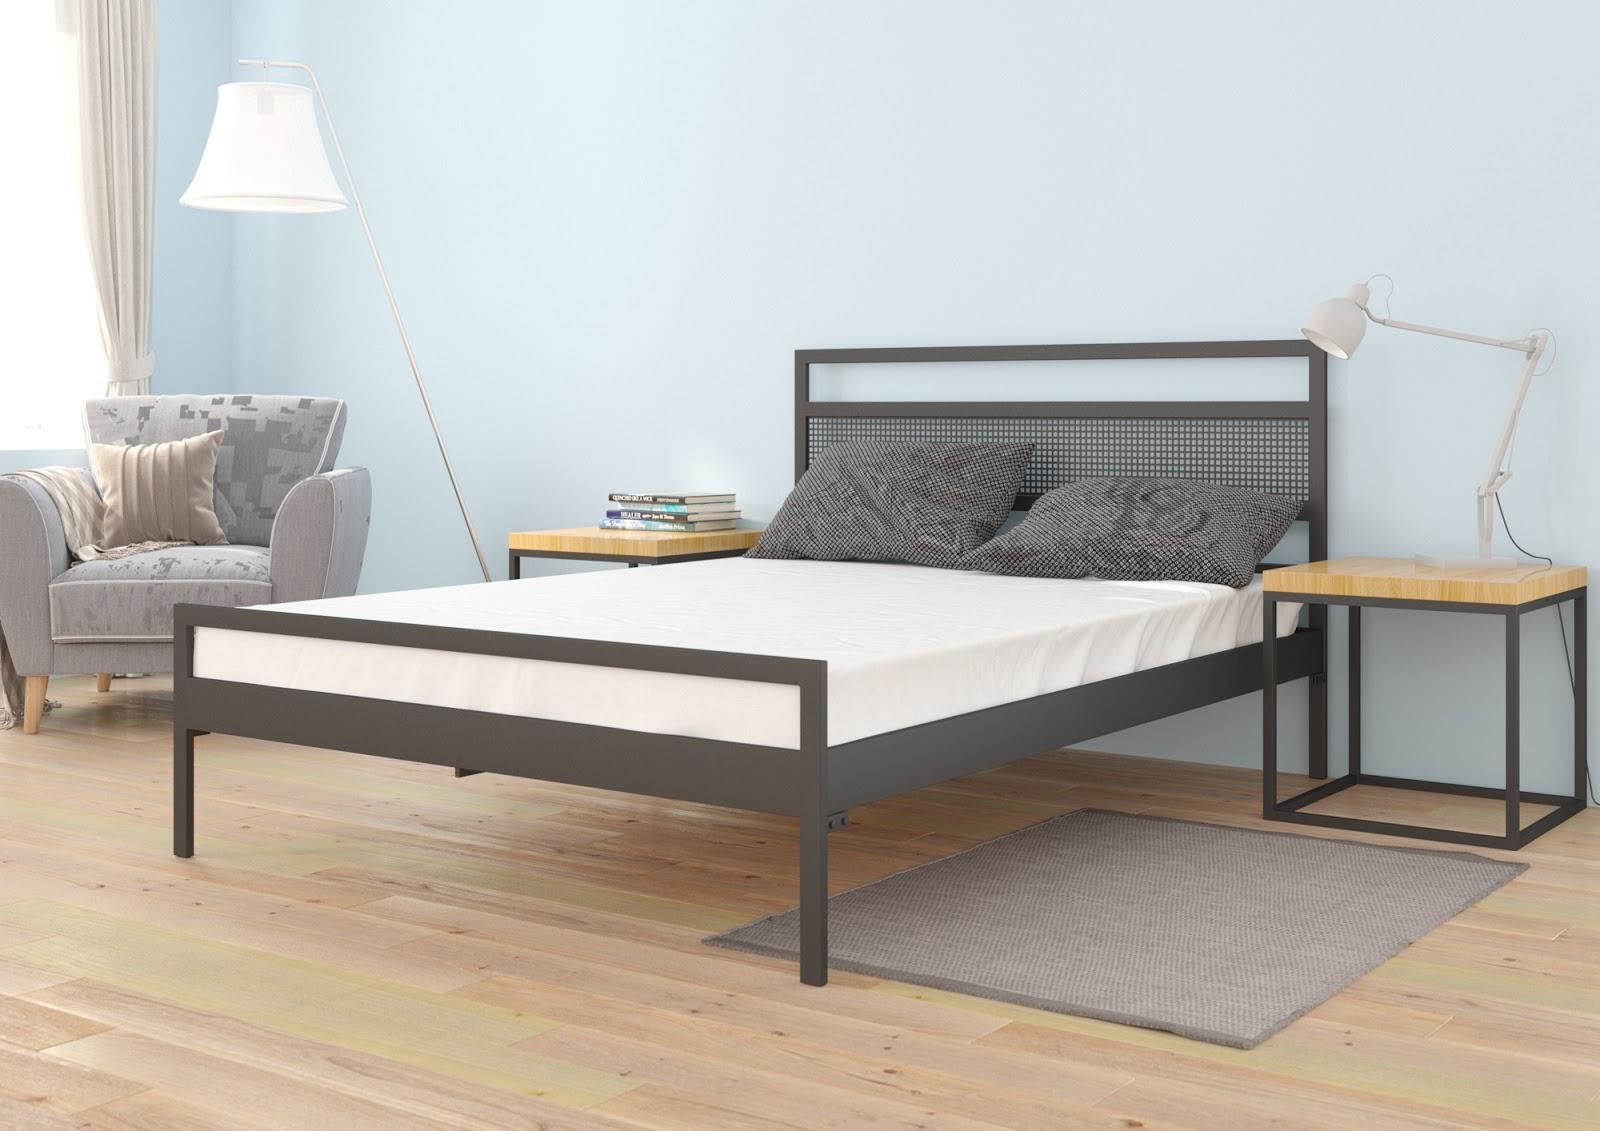 Łóżko metalowe wzór 42 – kolejna nowość od Lak System